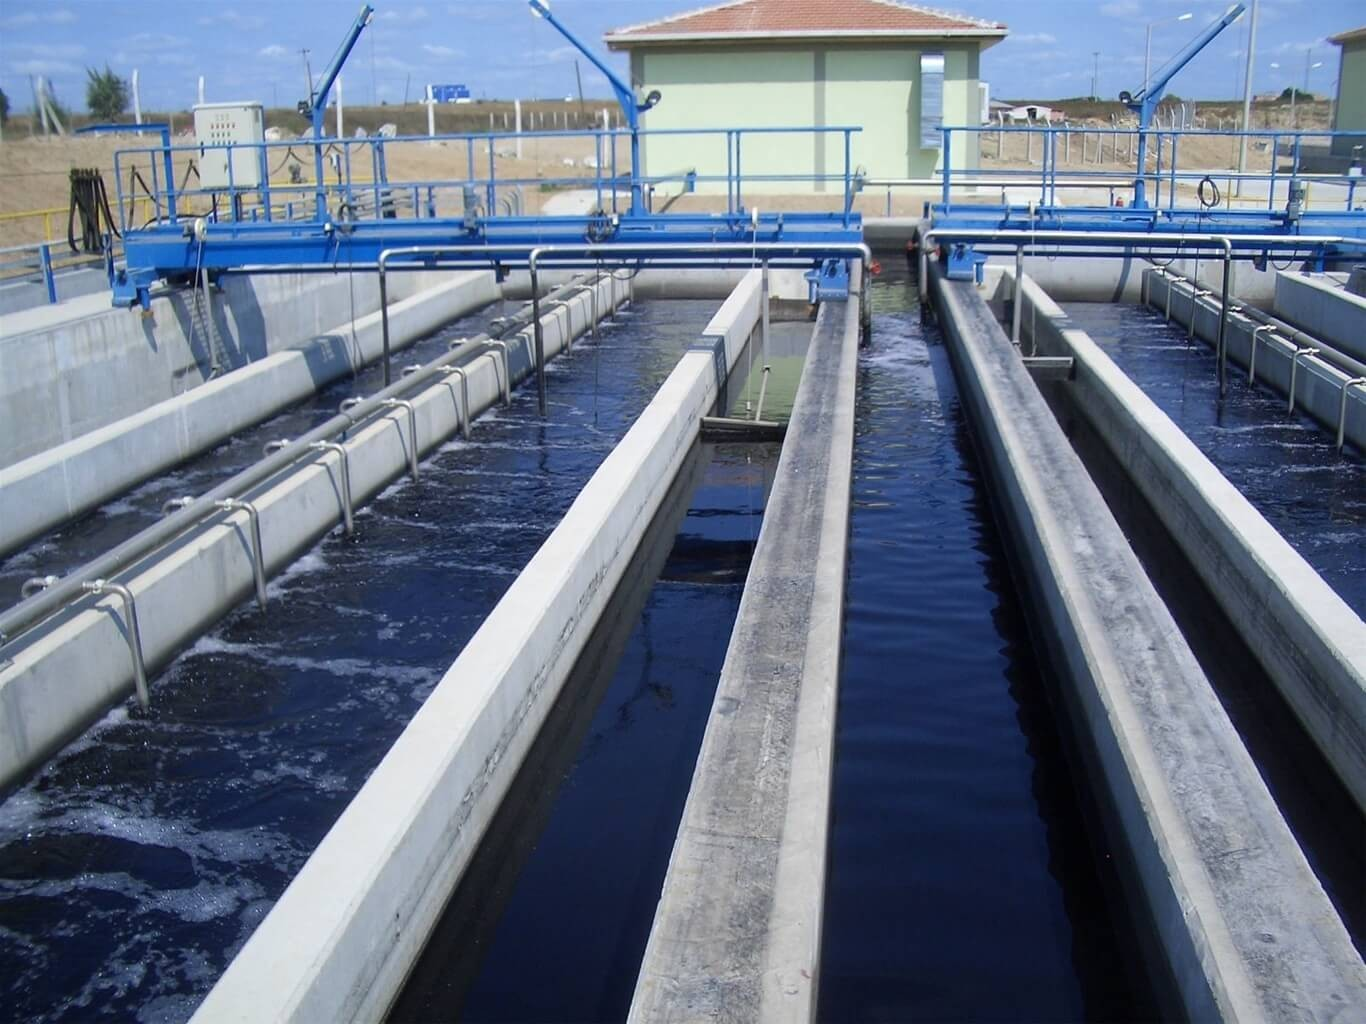 Kali clorua dùng trong xử lý nước